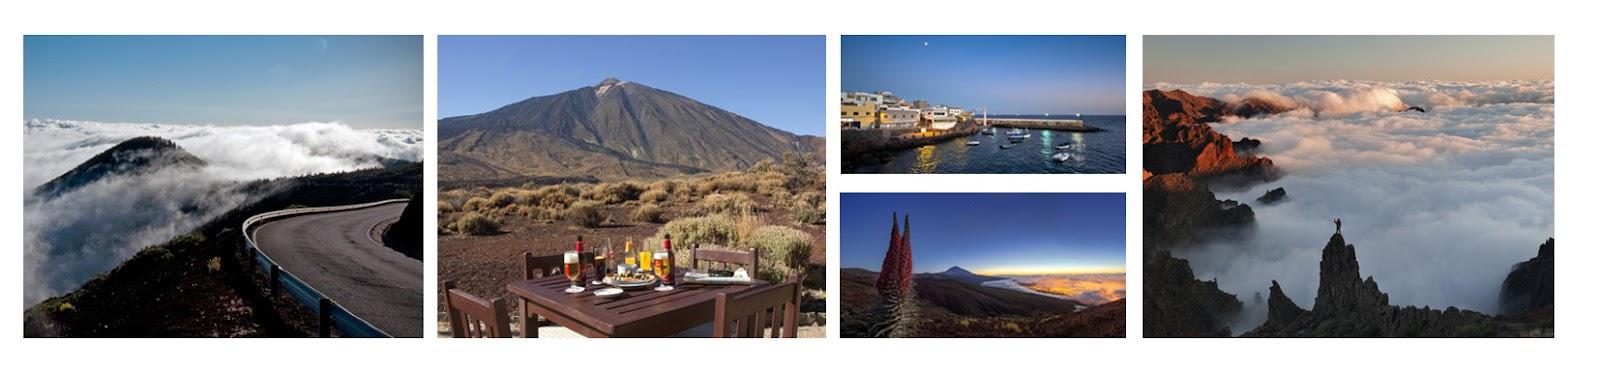 El Teide, Las Cañadas, Vistas en el Parador. Ruta con moto por Tenerife